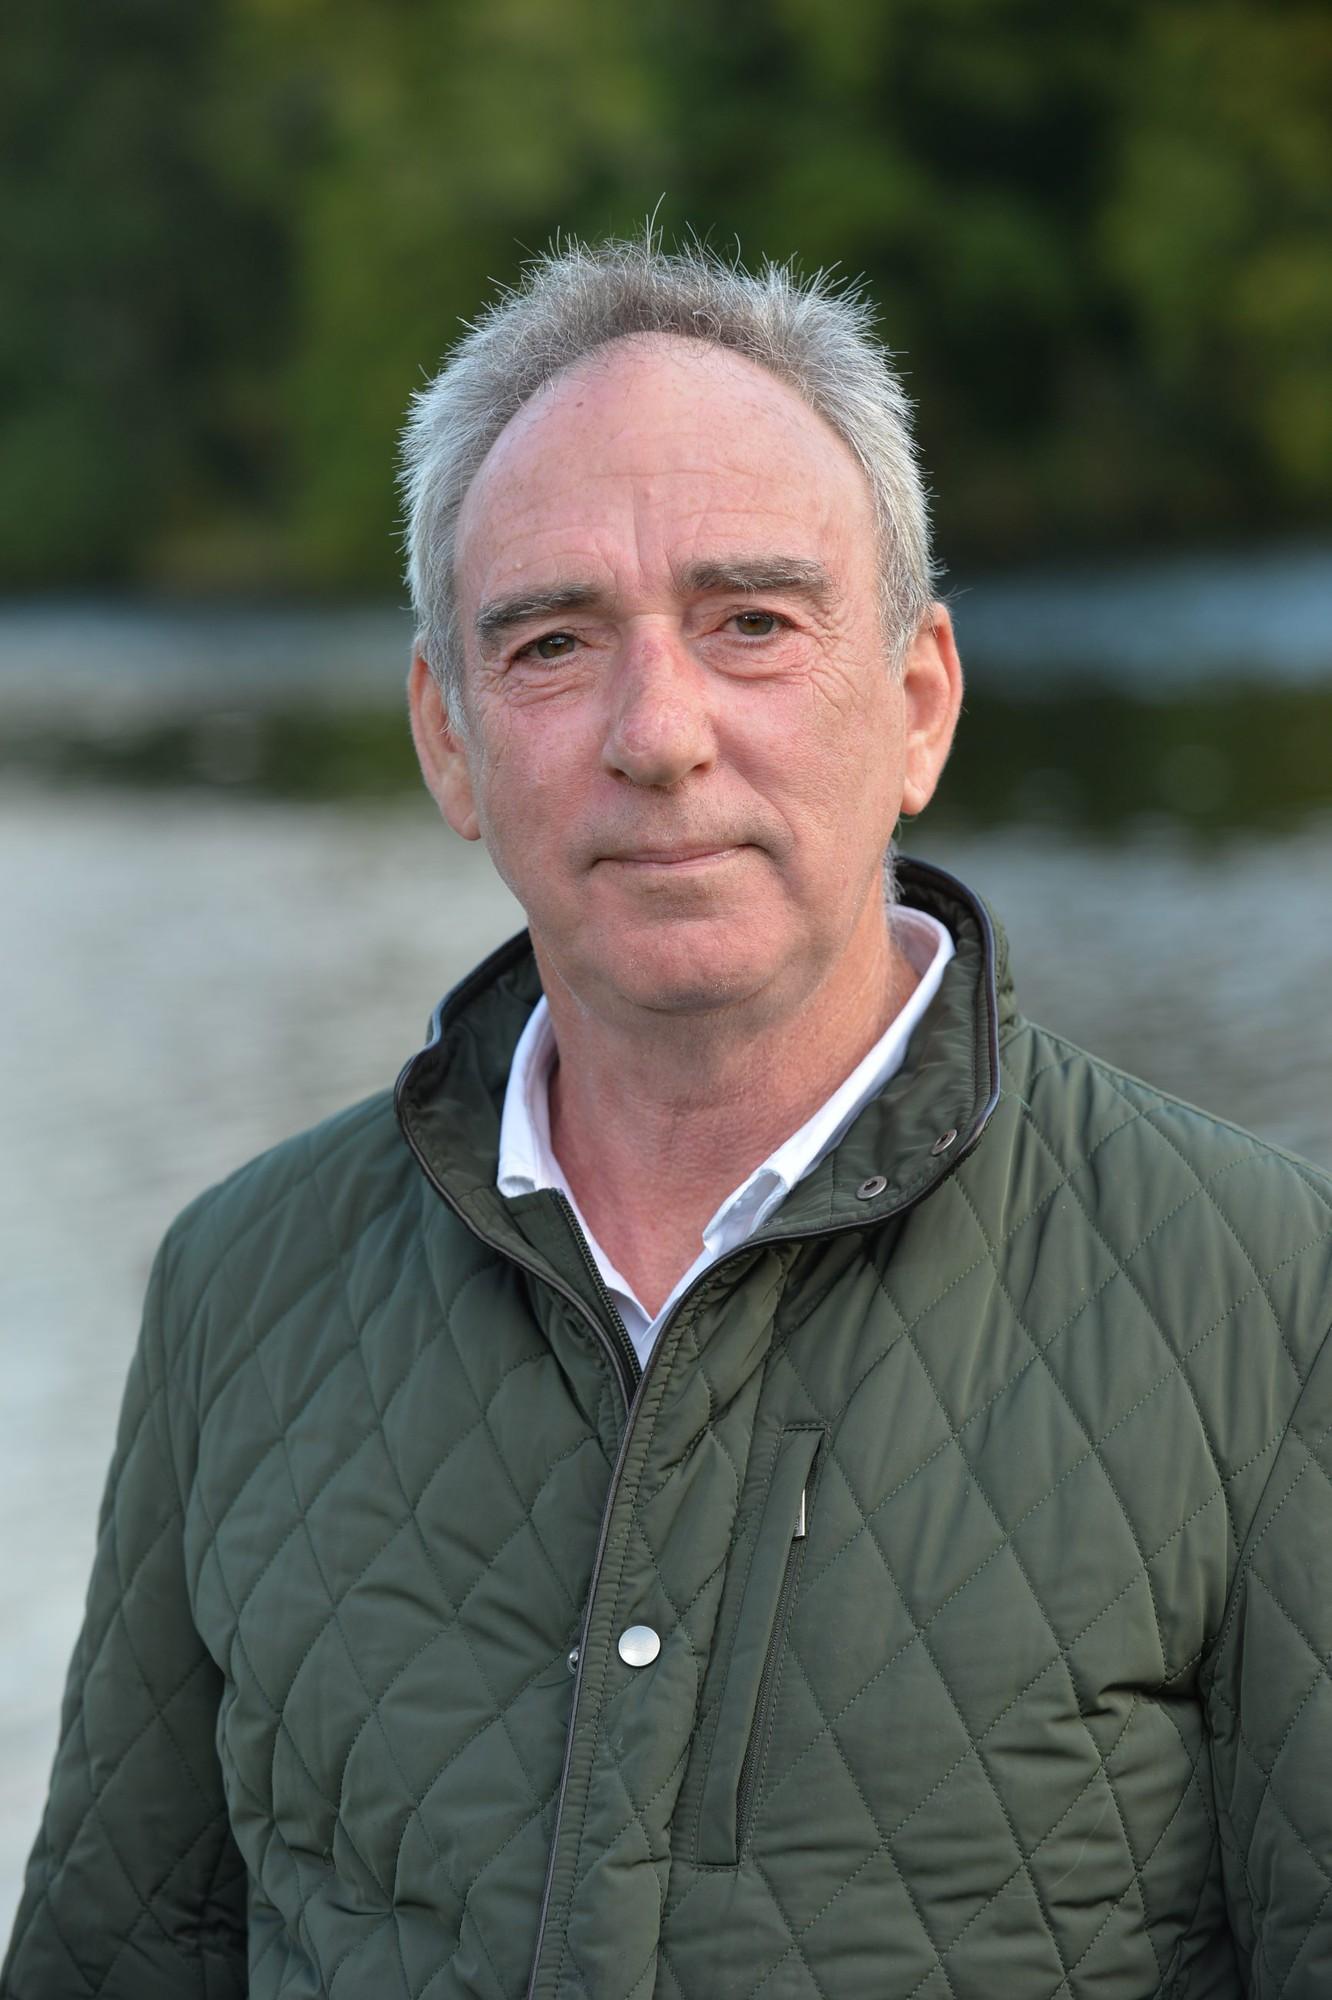 Denis Lynn, 1957 - 2021